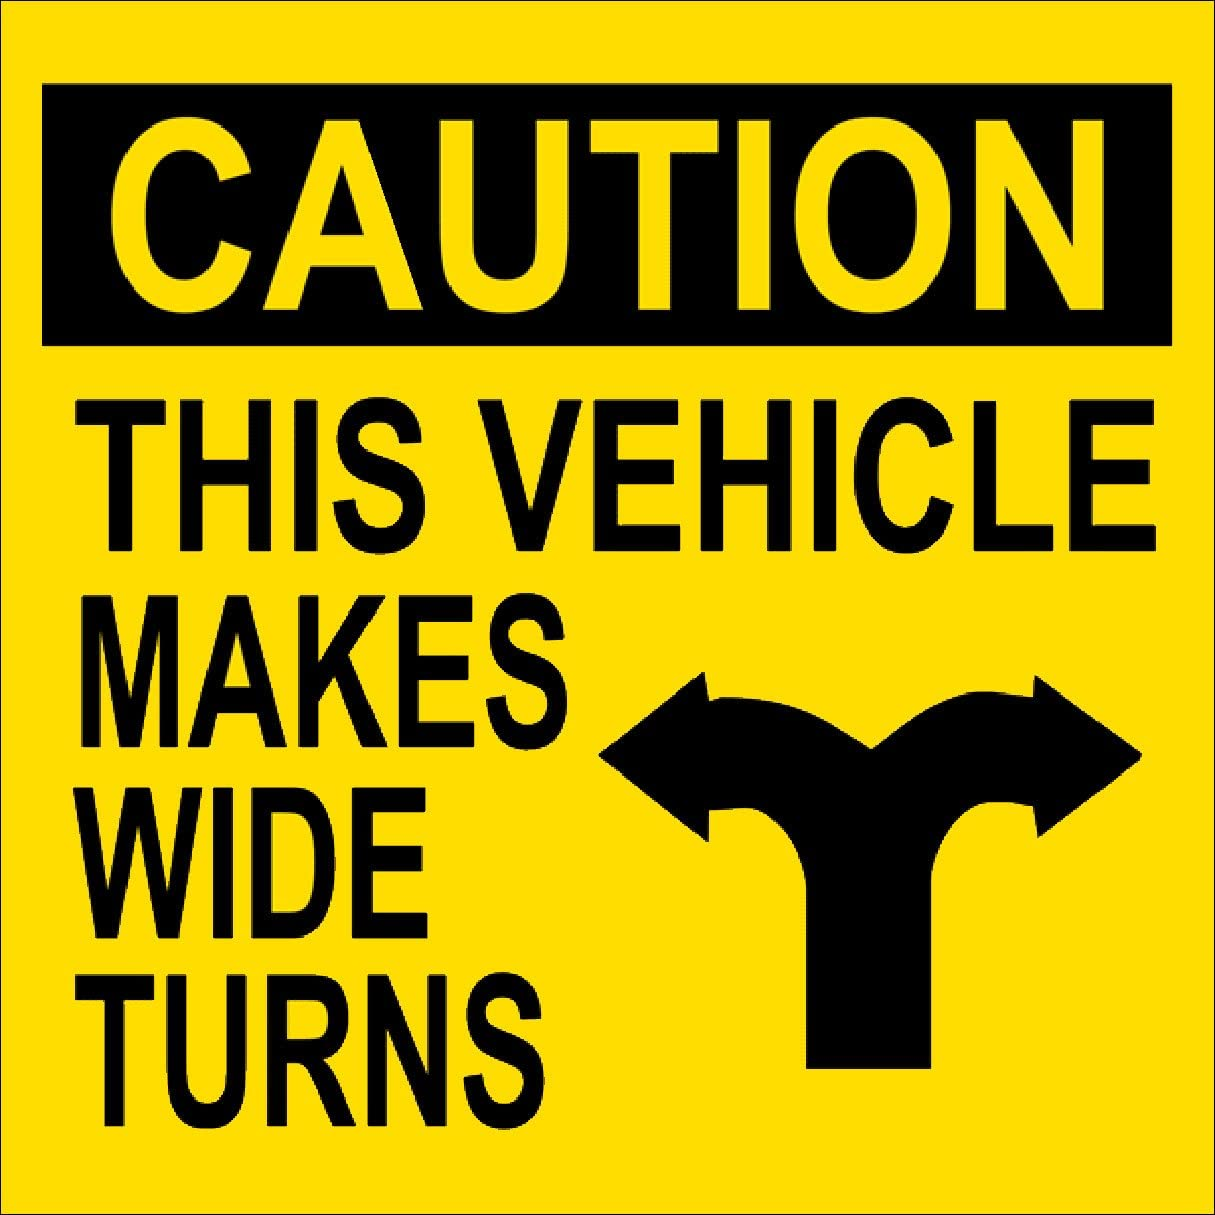 """Caution Wide Turns Safety Dept.Truck Trailer Decal Sticker 8/"""" x 10/"""""""